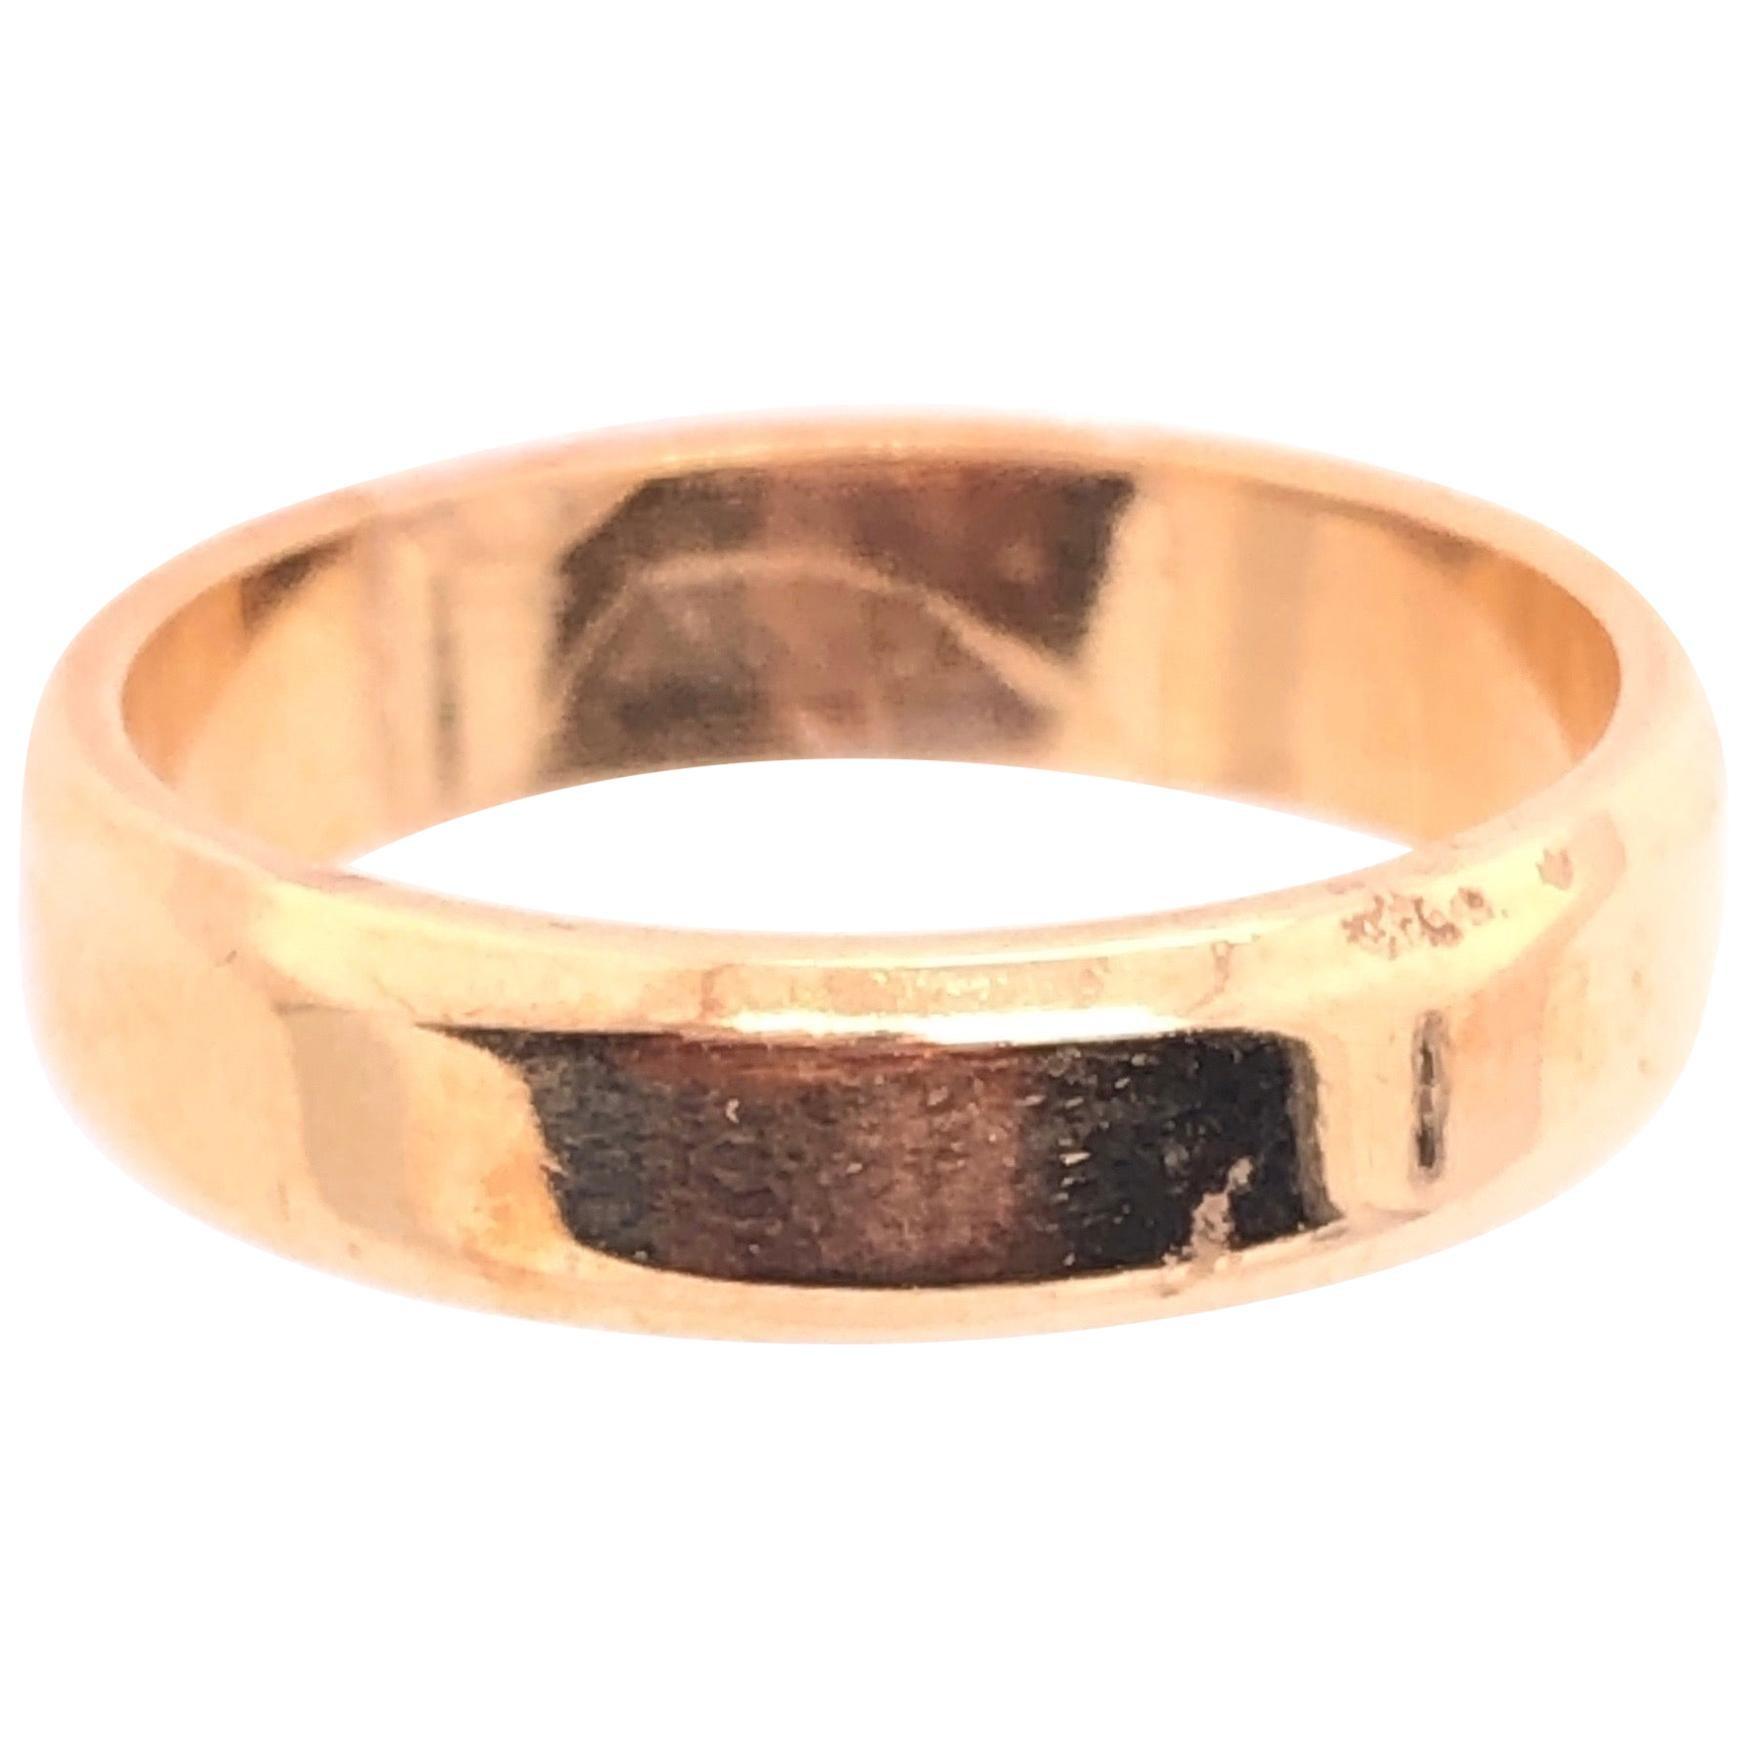 18 Karat Yellow Gold Wedding Ring / Bridal Band